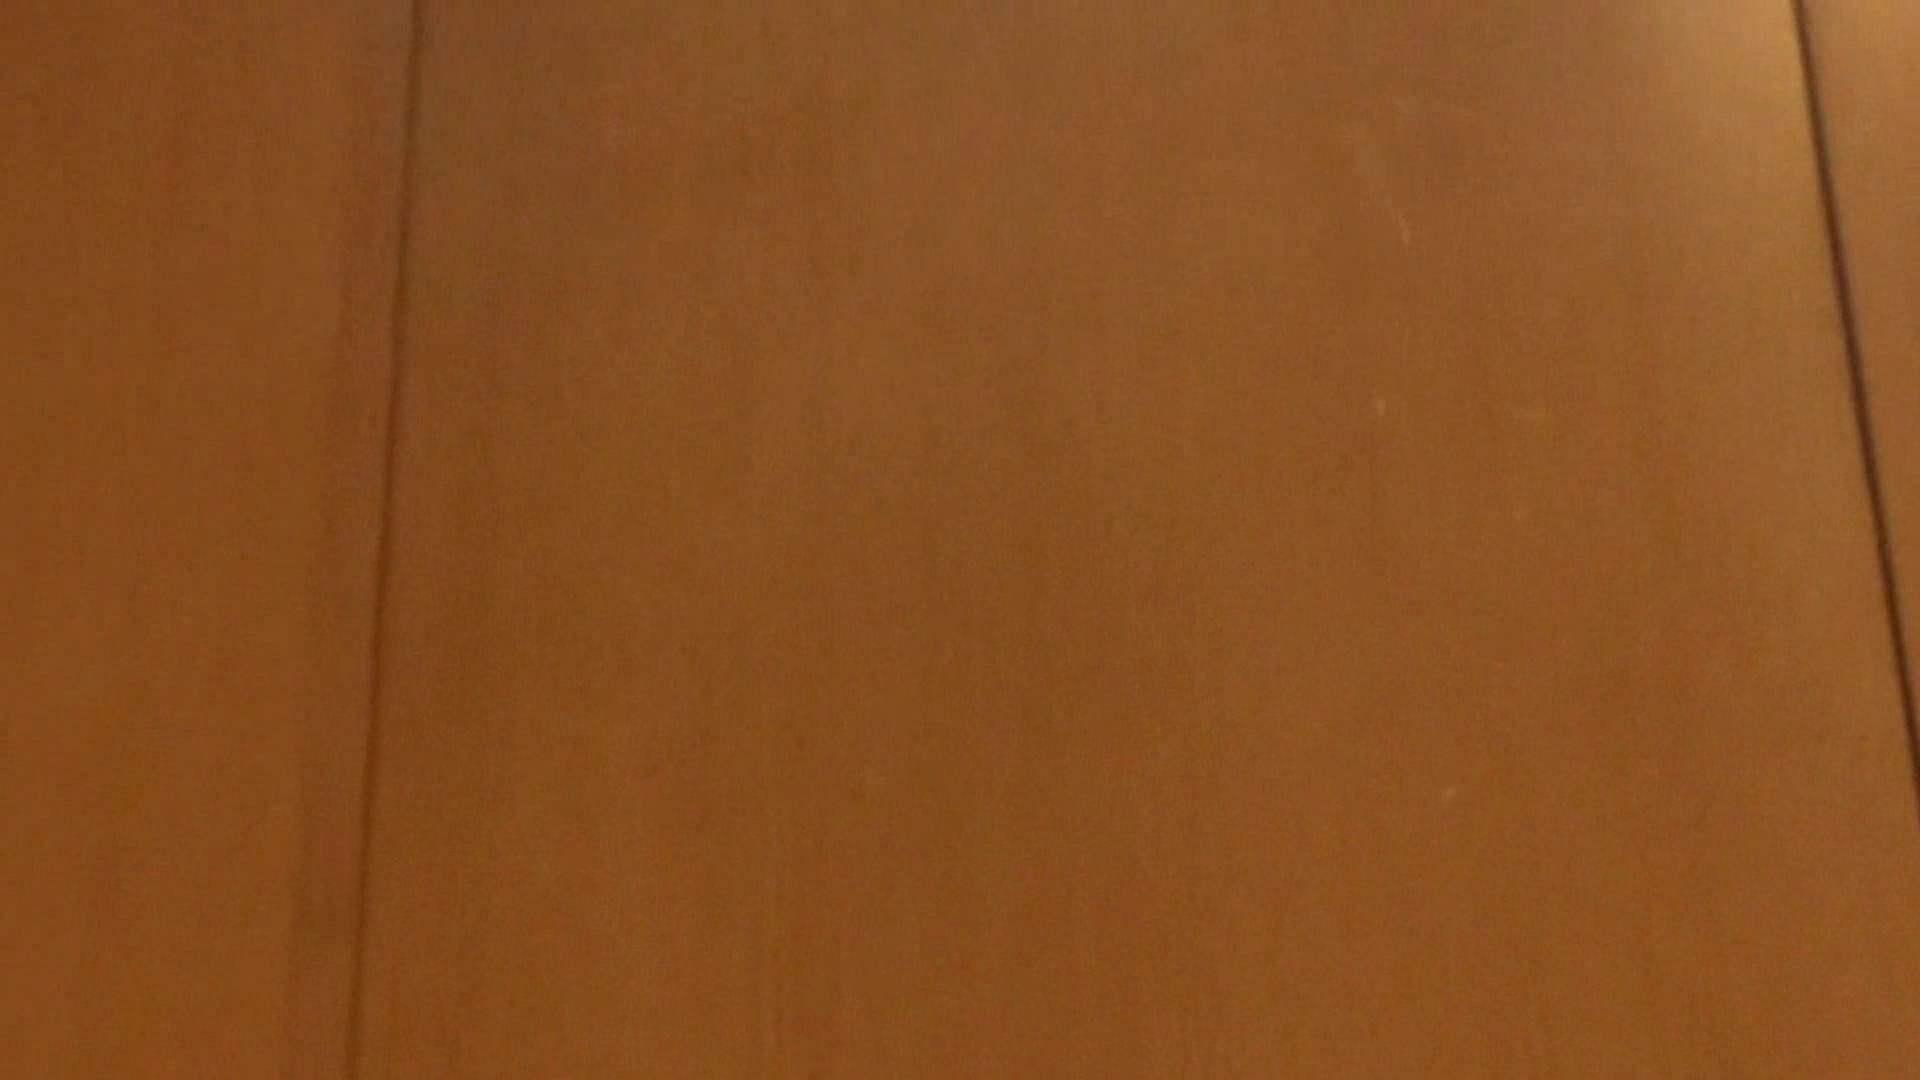 「噂」の国の厠観察日記2 Vol.01 綺麗なOLたち すけべAV動画紹介 60枚 44